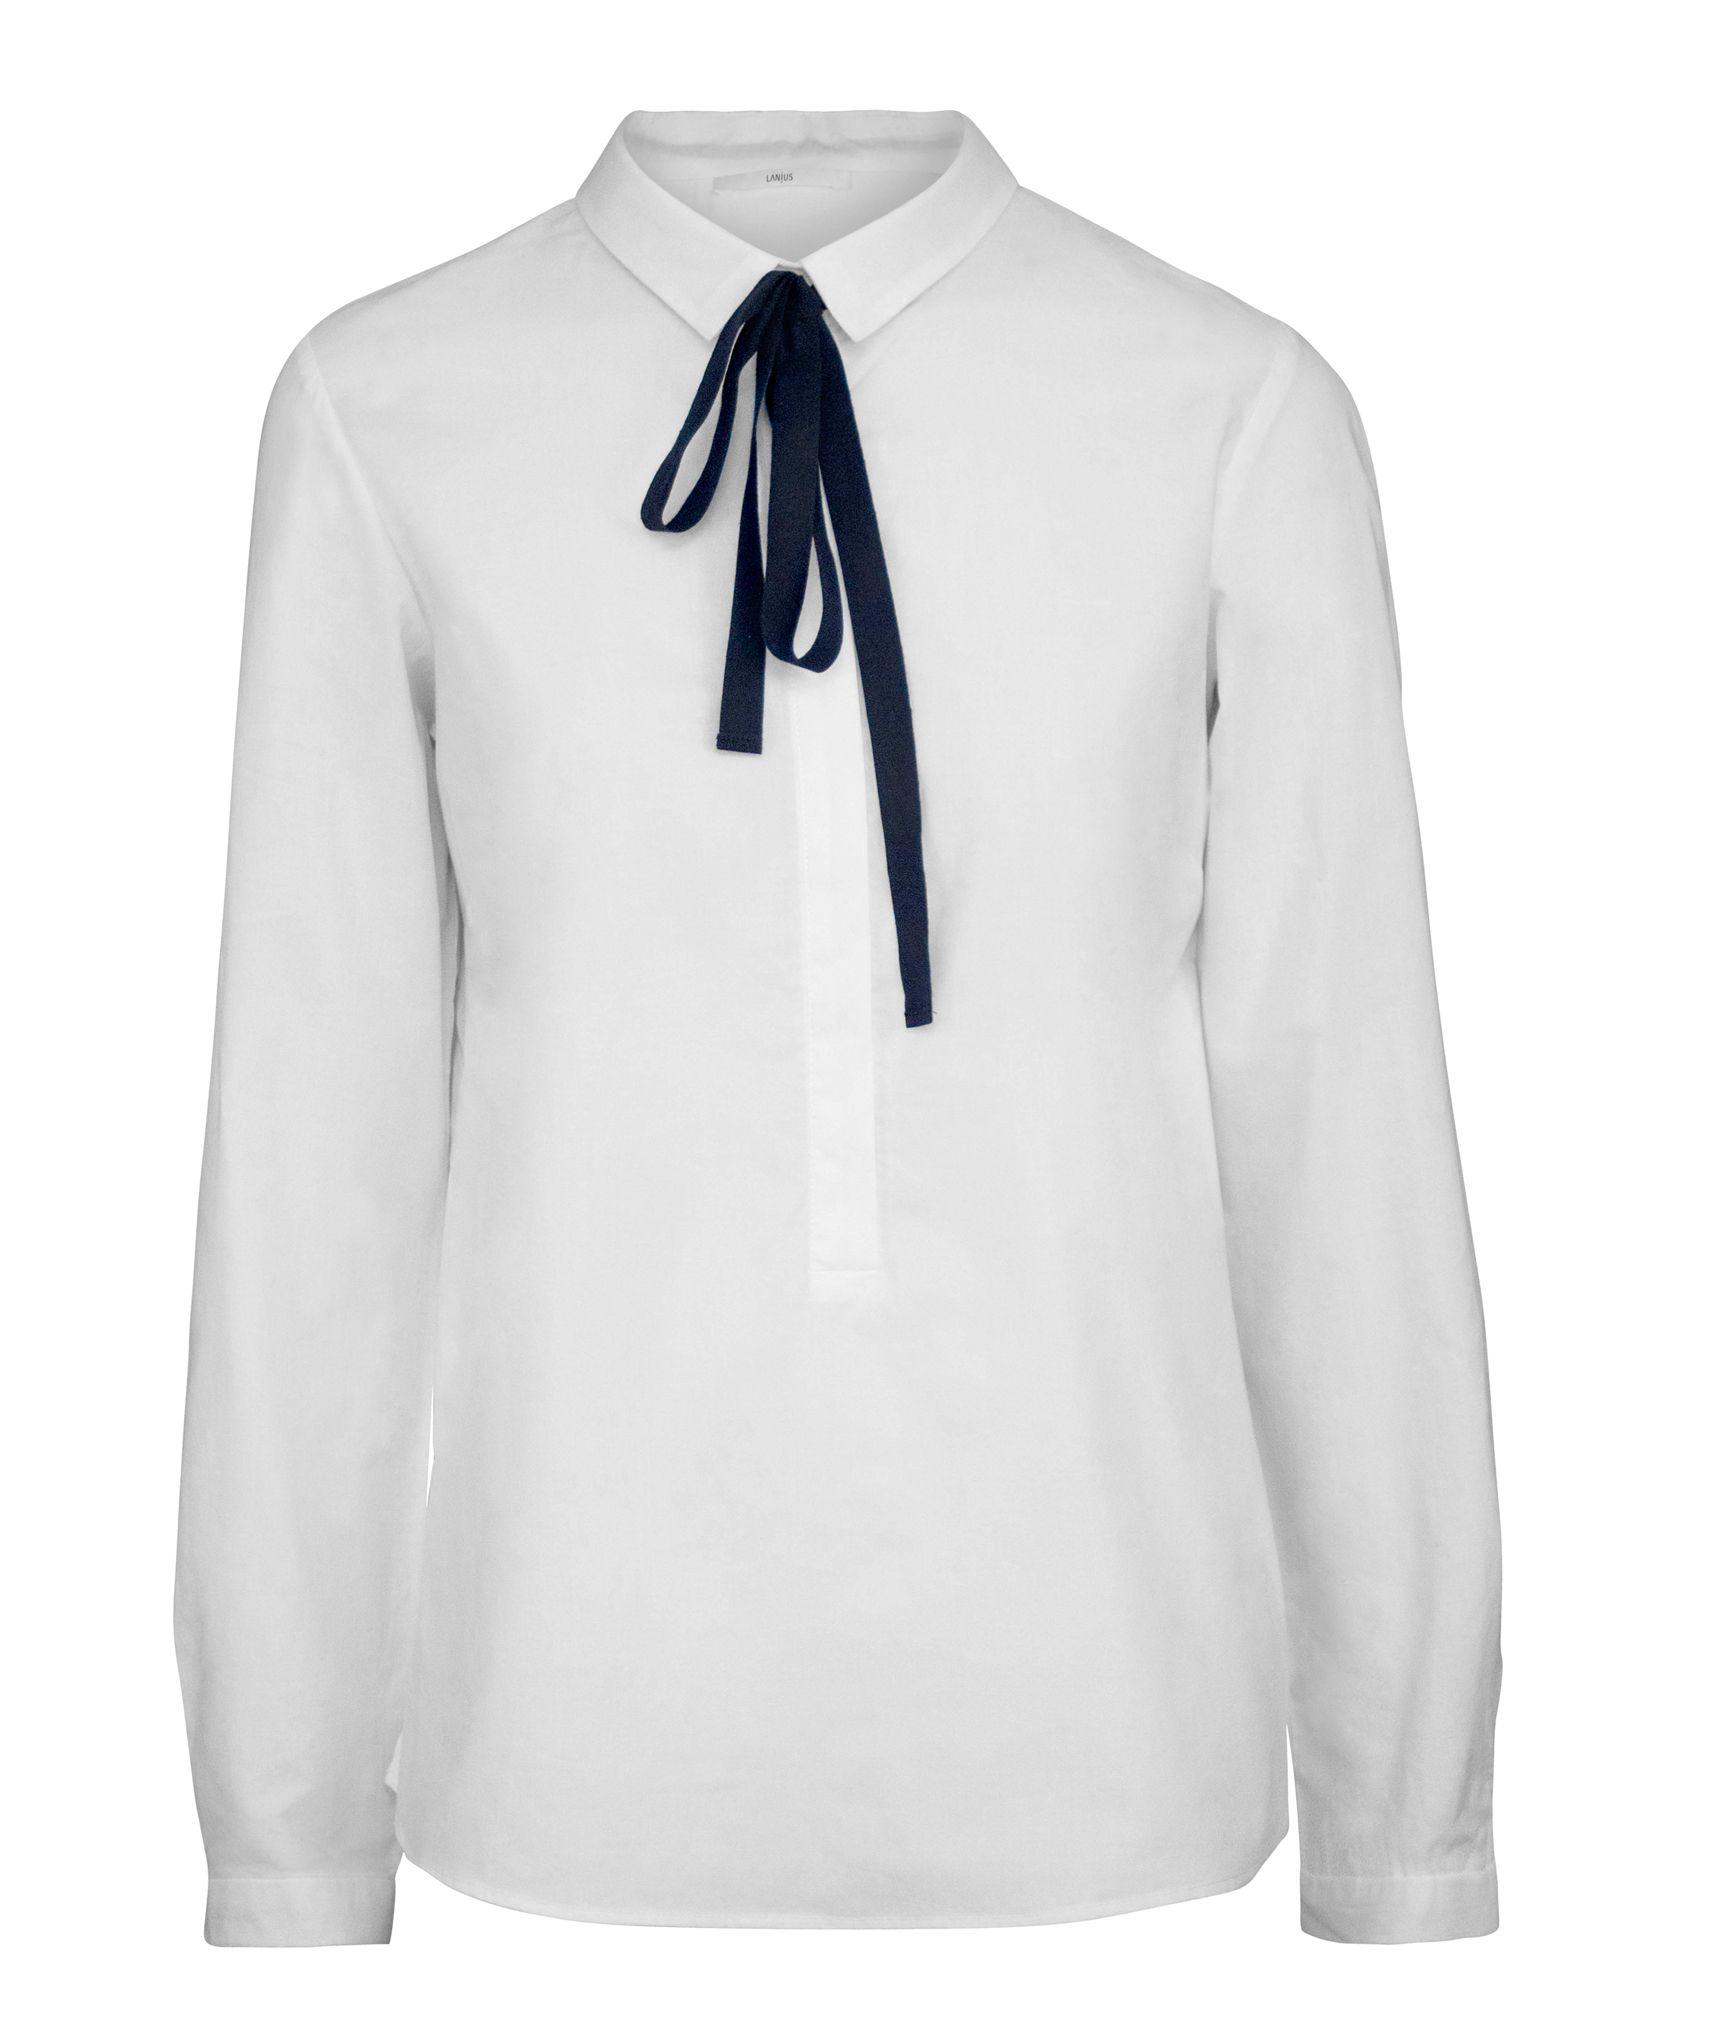 weiße bluse schwarze schleife